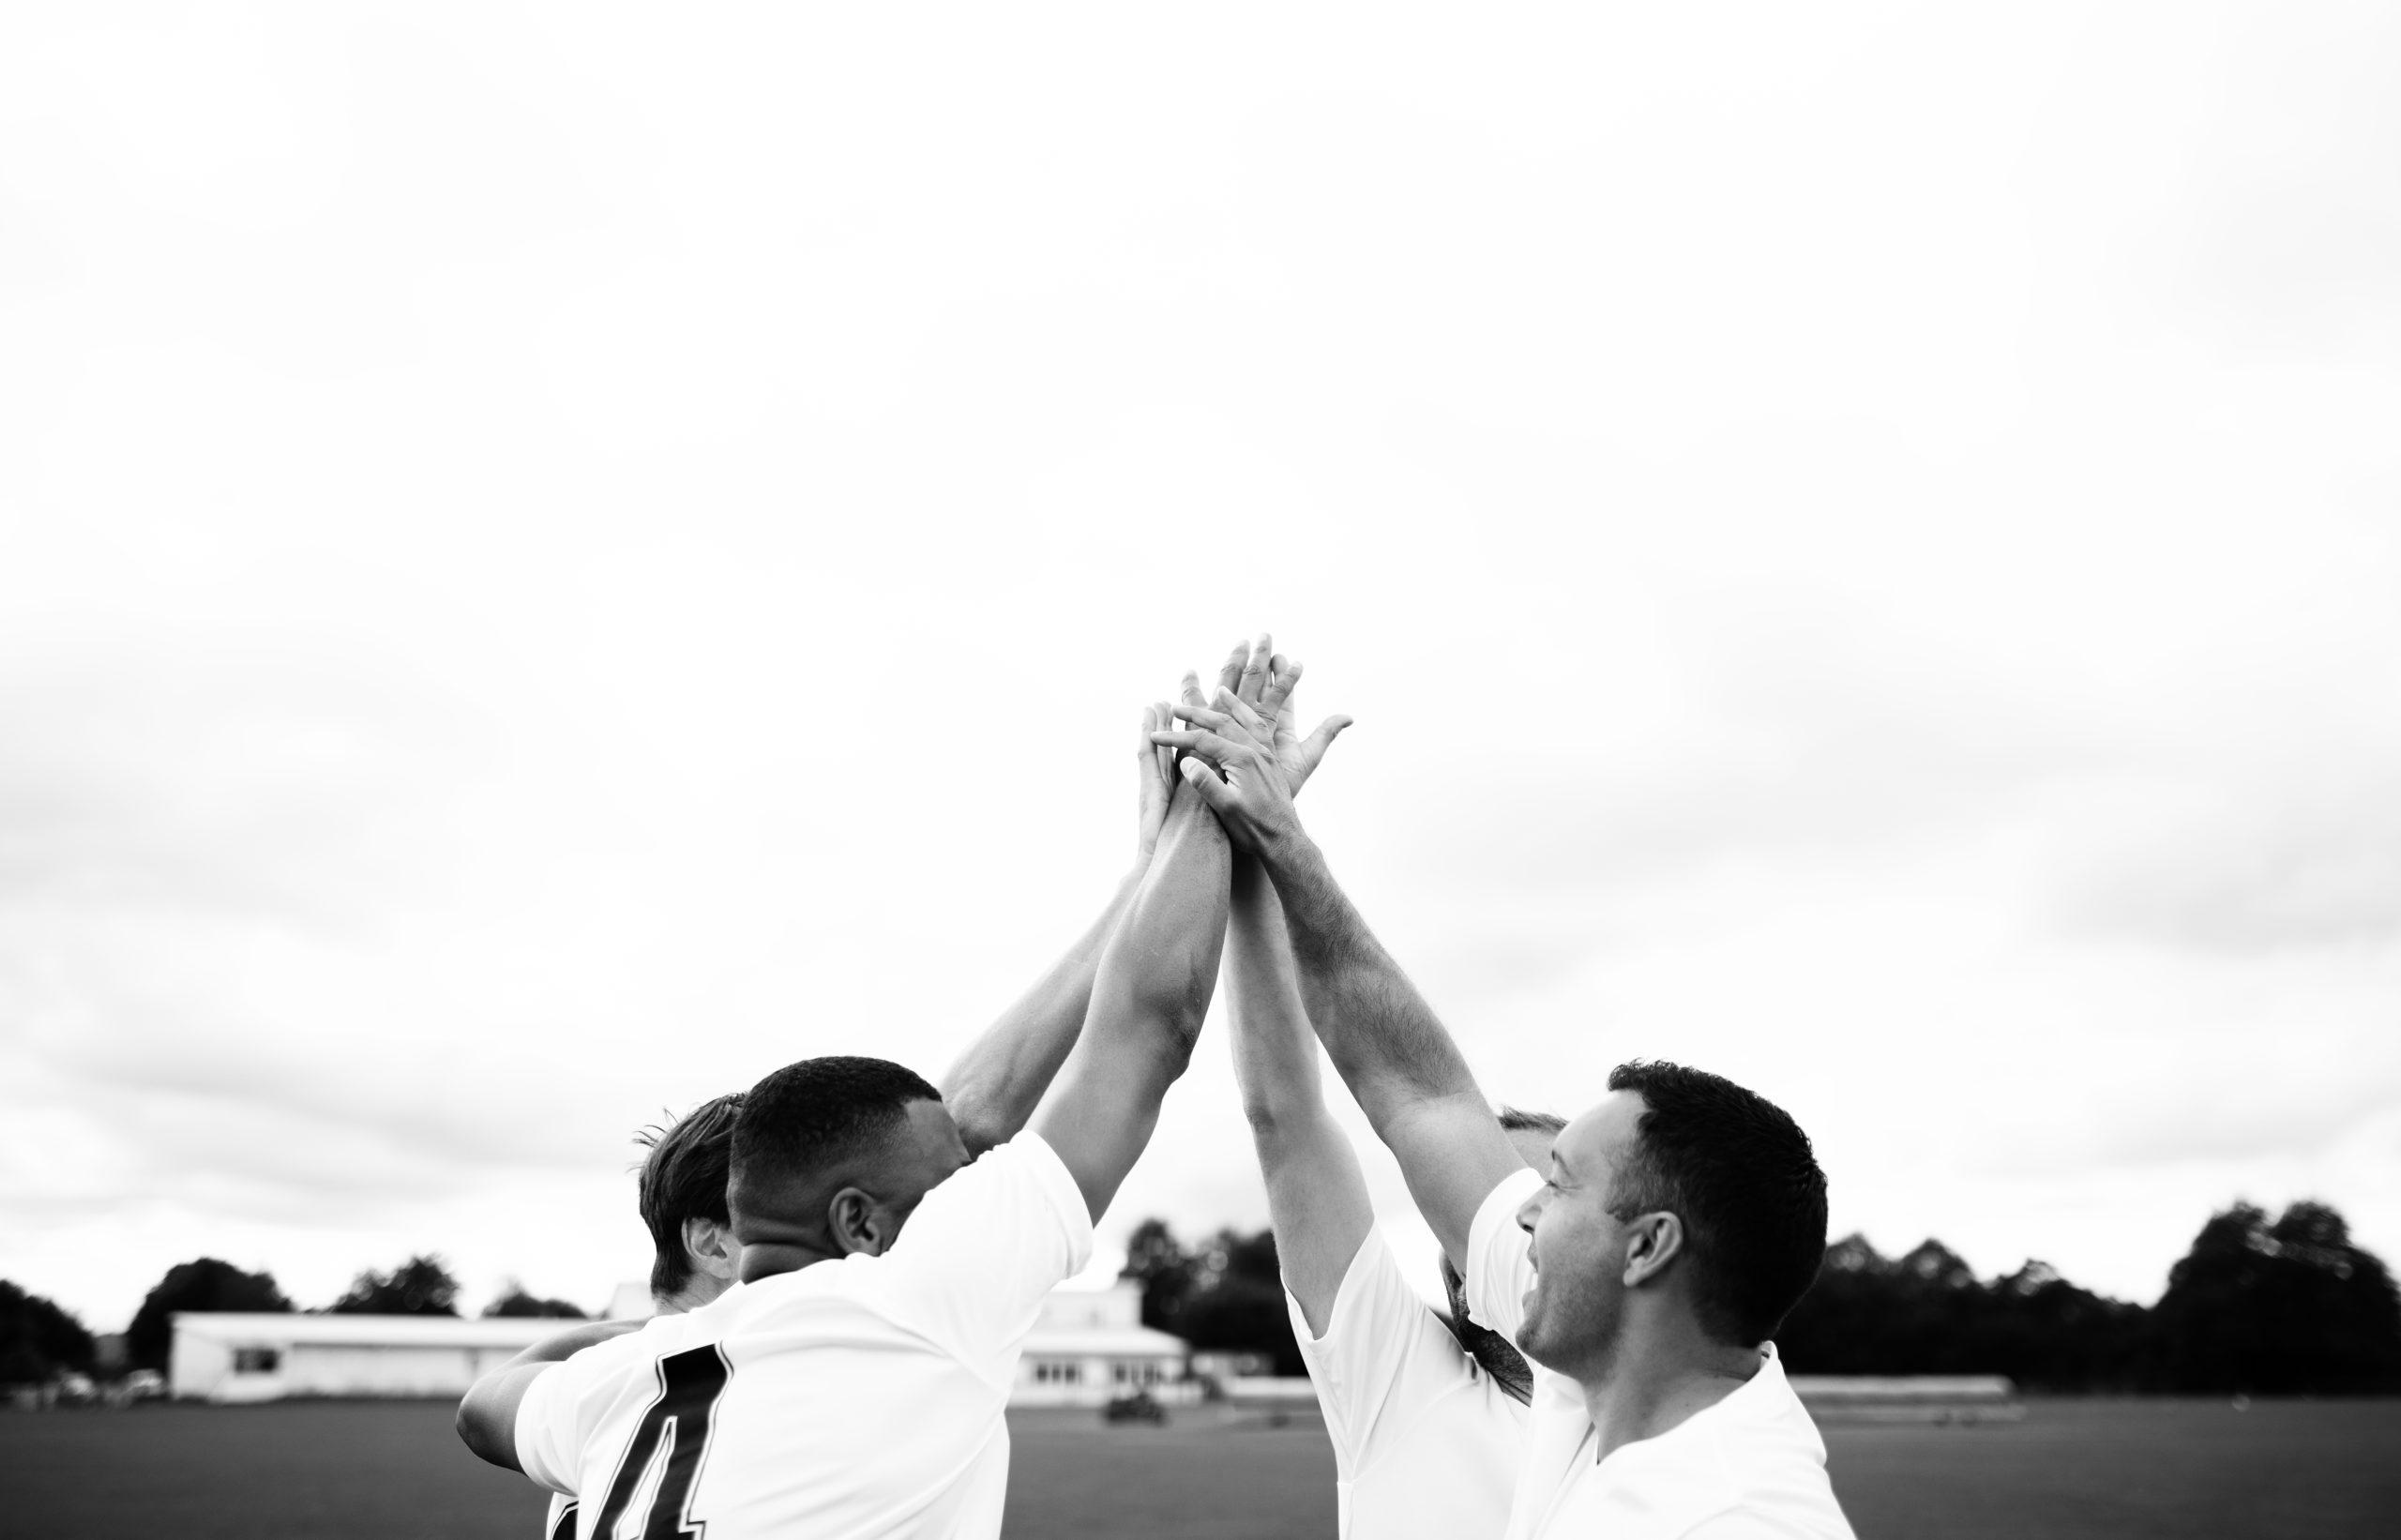 Image en noir et blanc de 4 joueurs de rugby les mains réunies lors d'un hi 5 - Chaudronnerie Marmonier partenaire du rugby